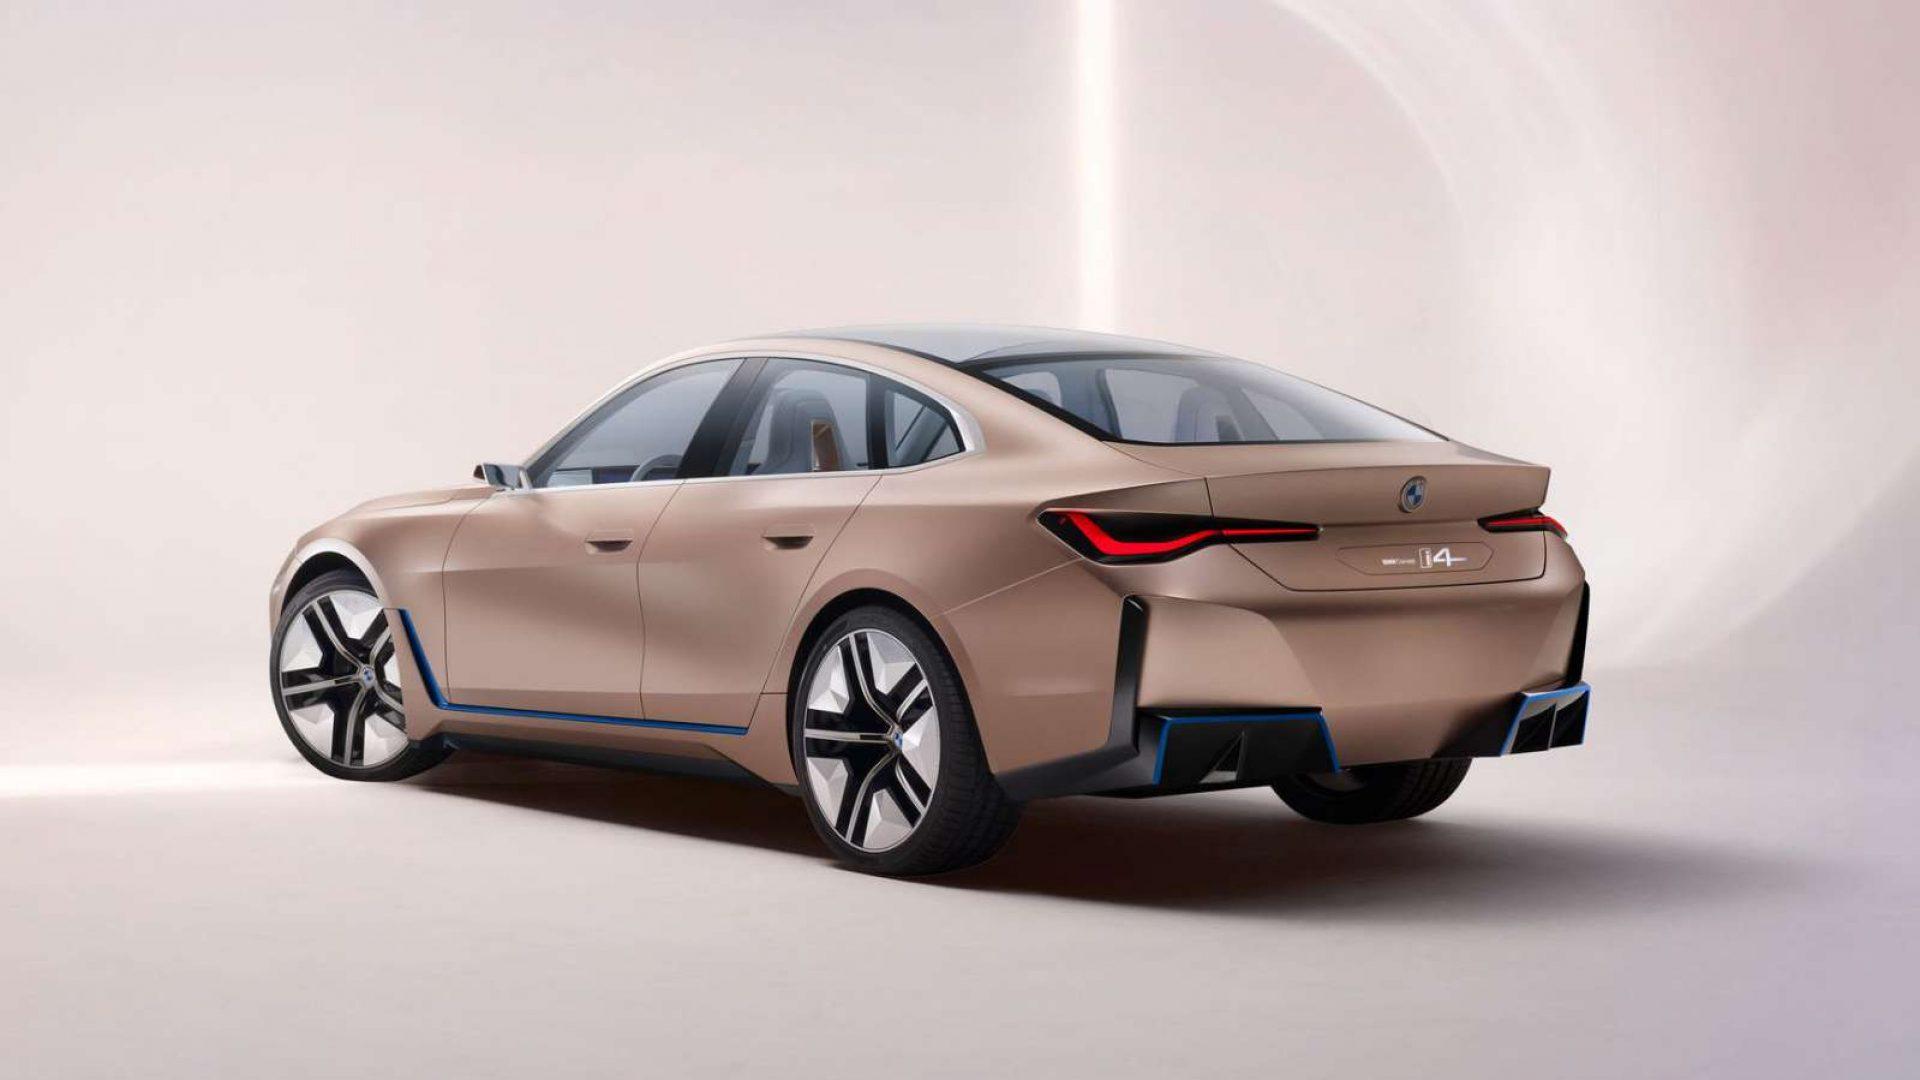 2020-BMW-Concept-i4-03